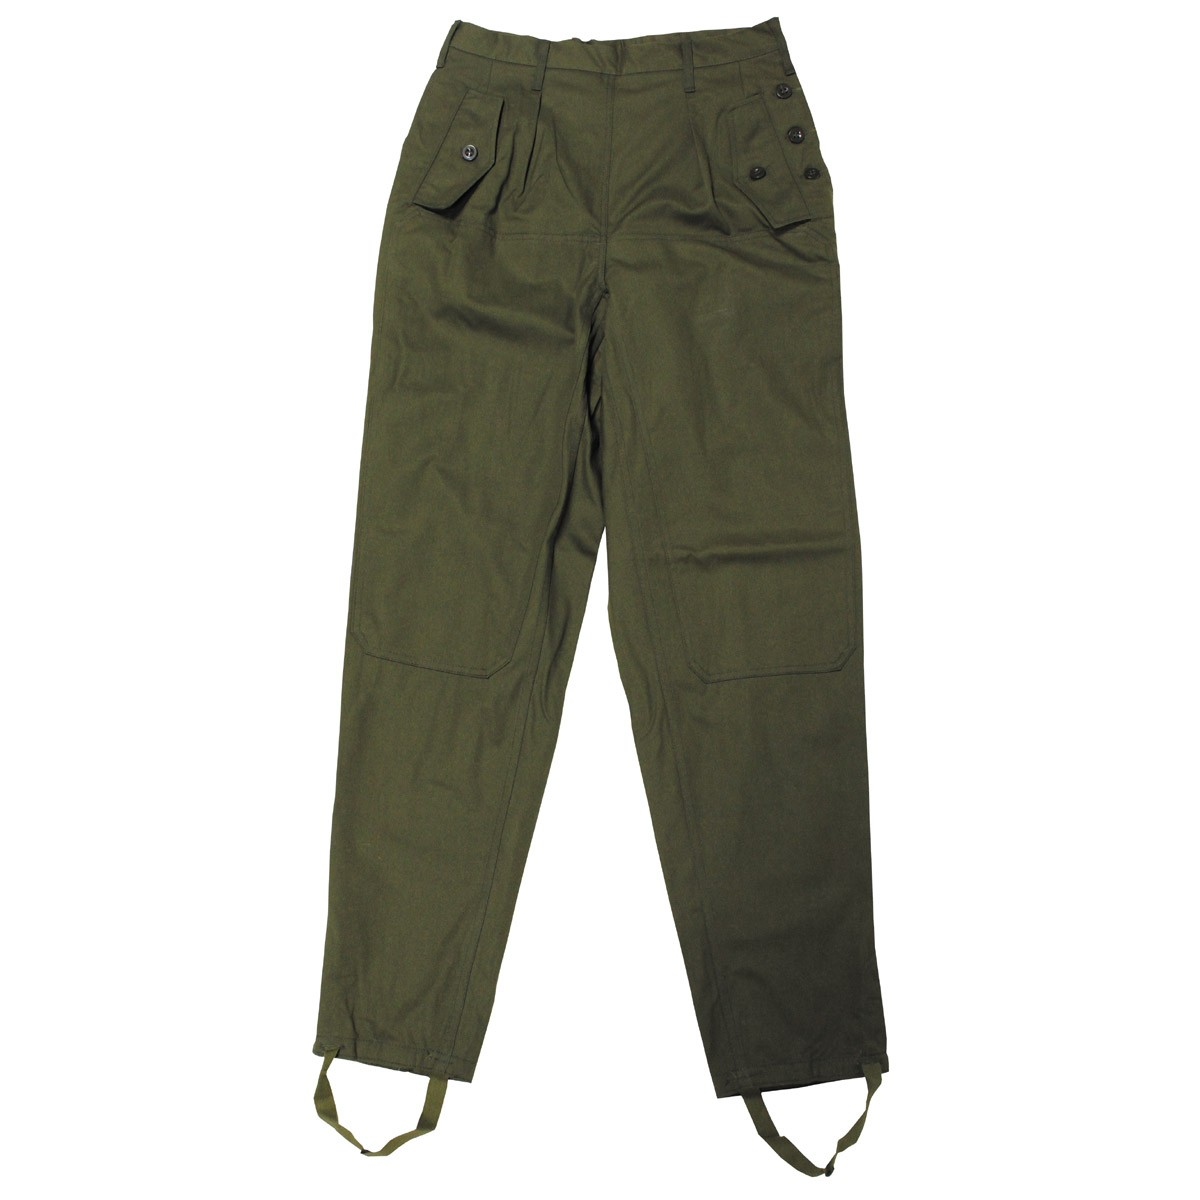 Kalhoty dámské vz.85 nové zelené